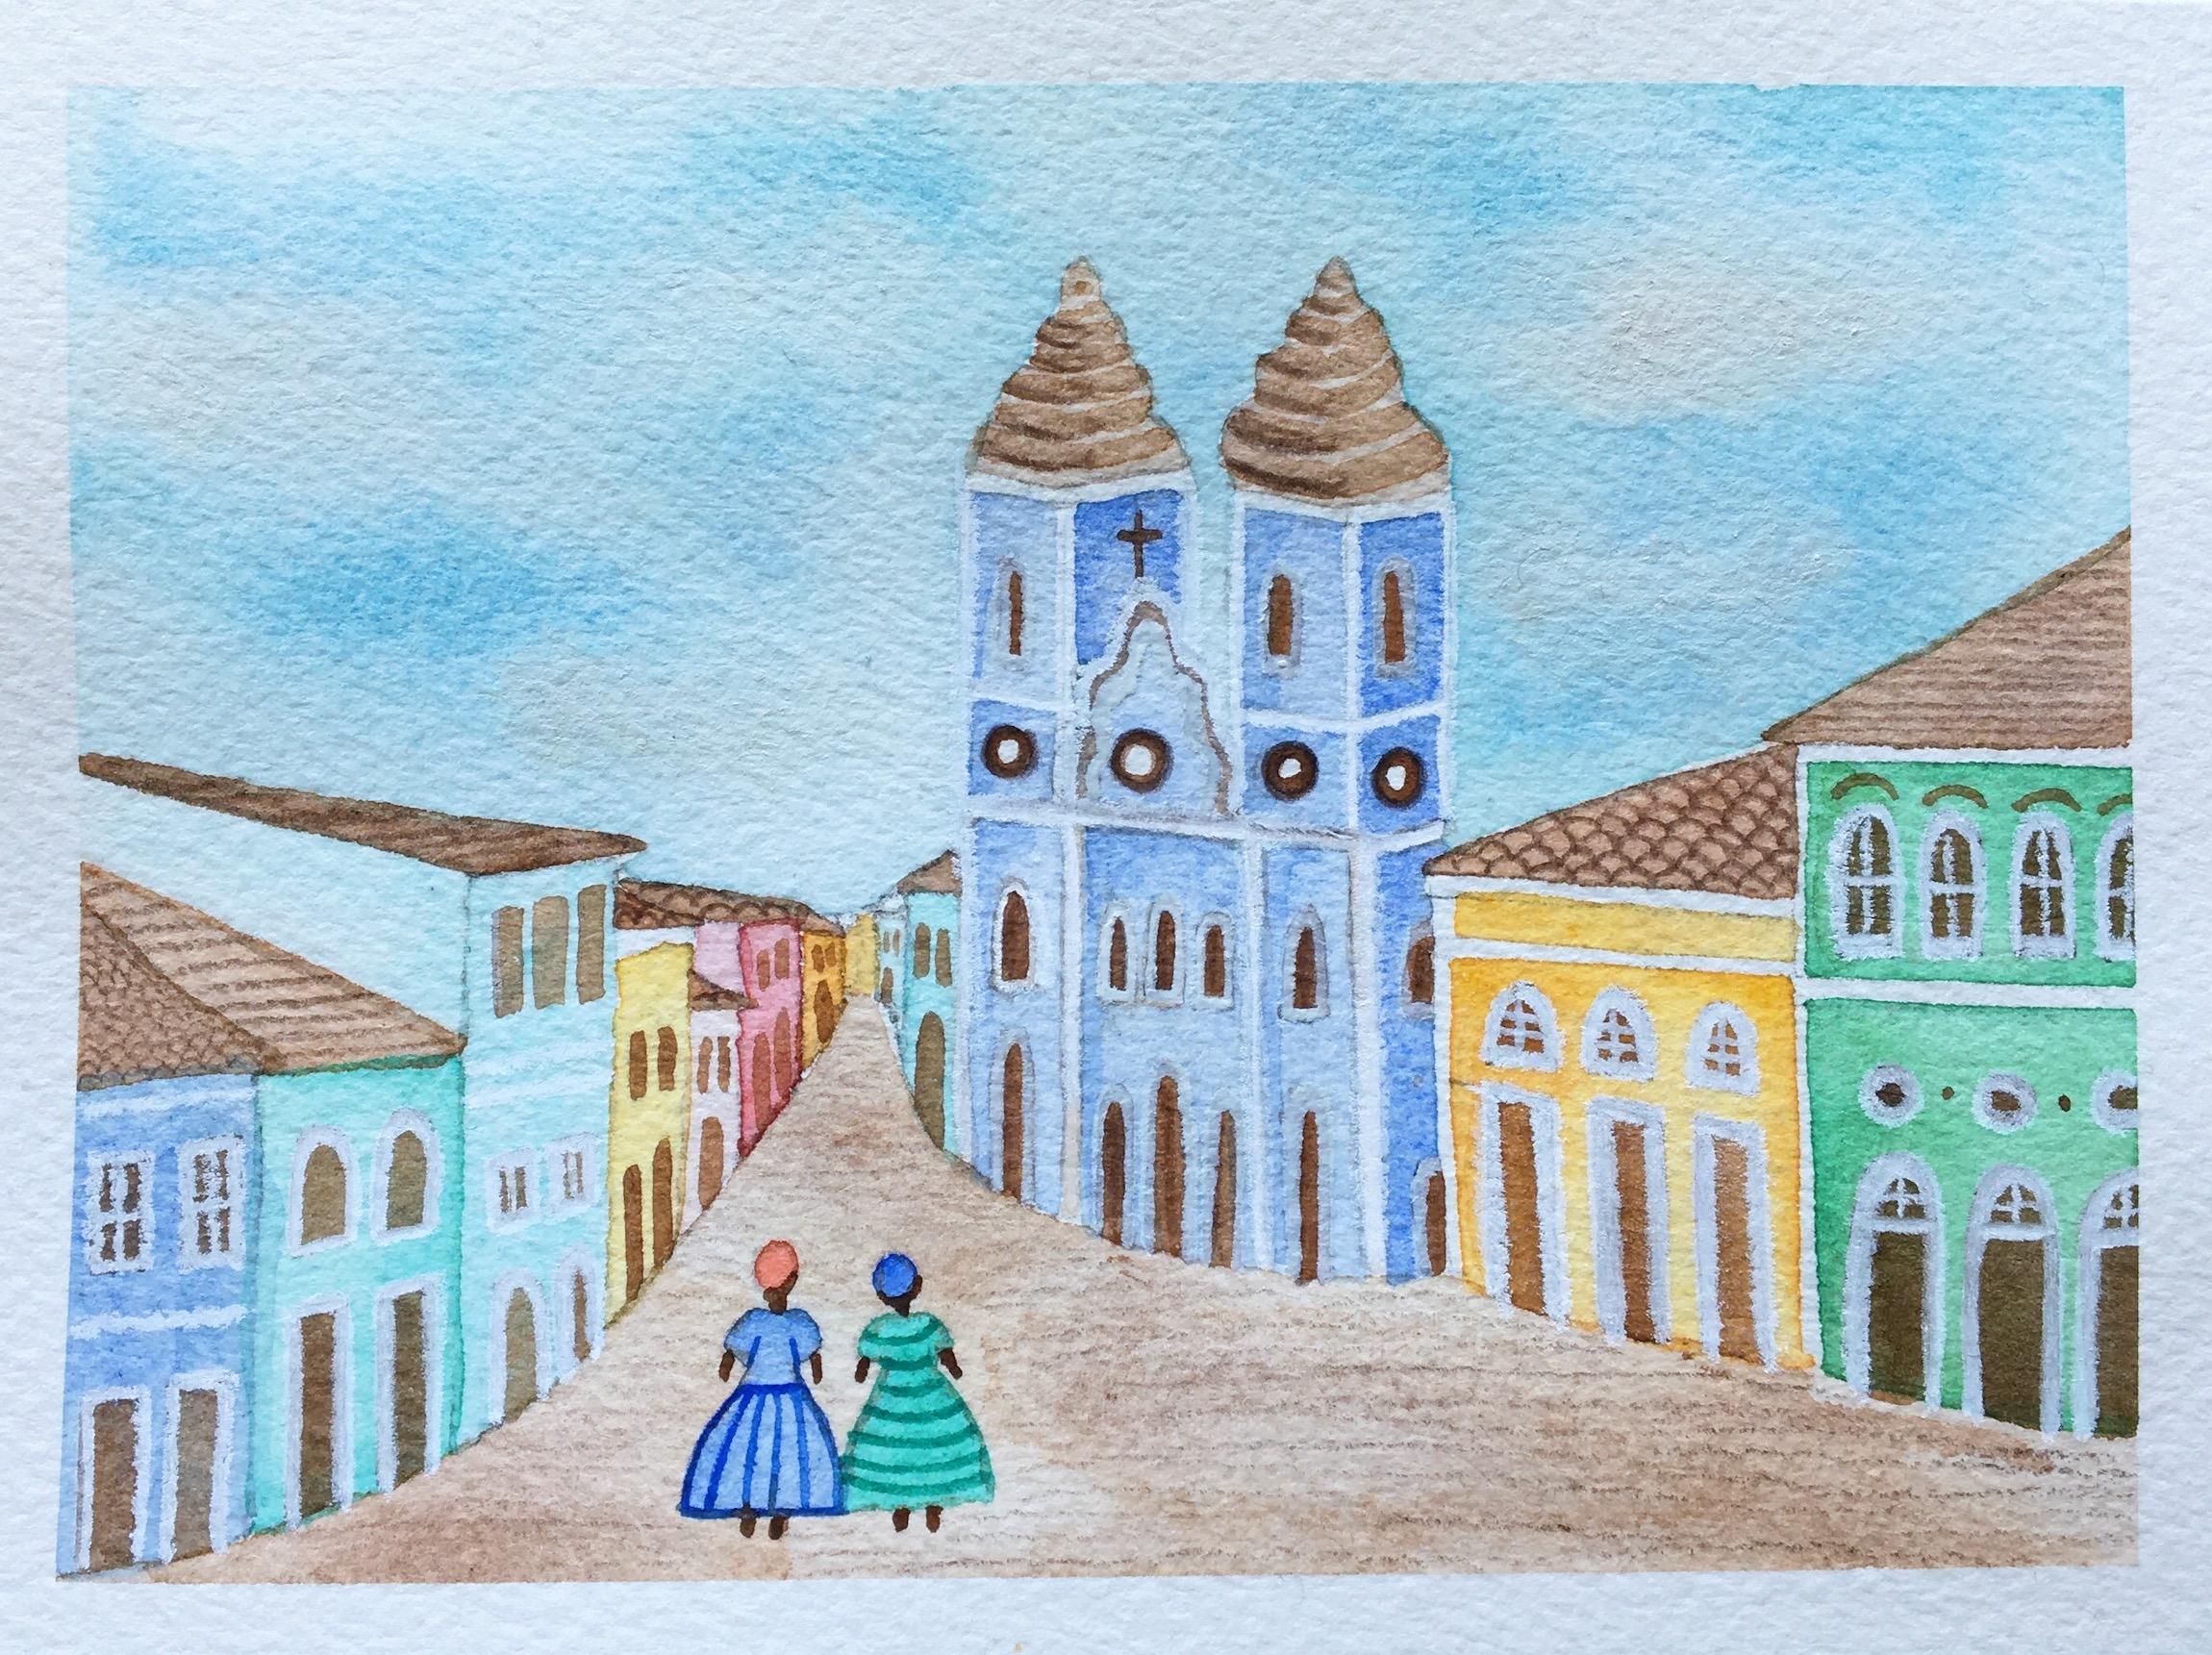 Un viaggio e' per sempre - insegnamenti dal mondo - Brasile